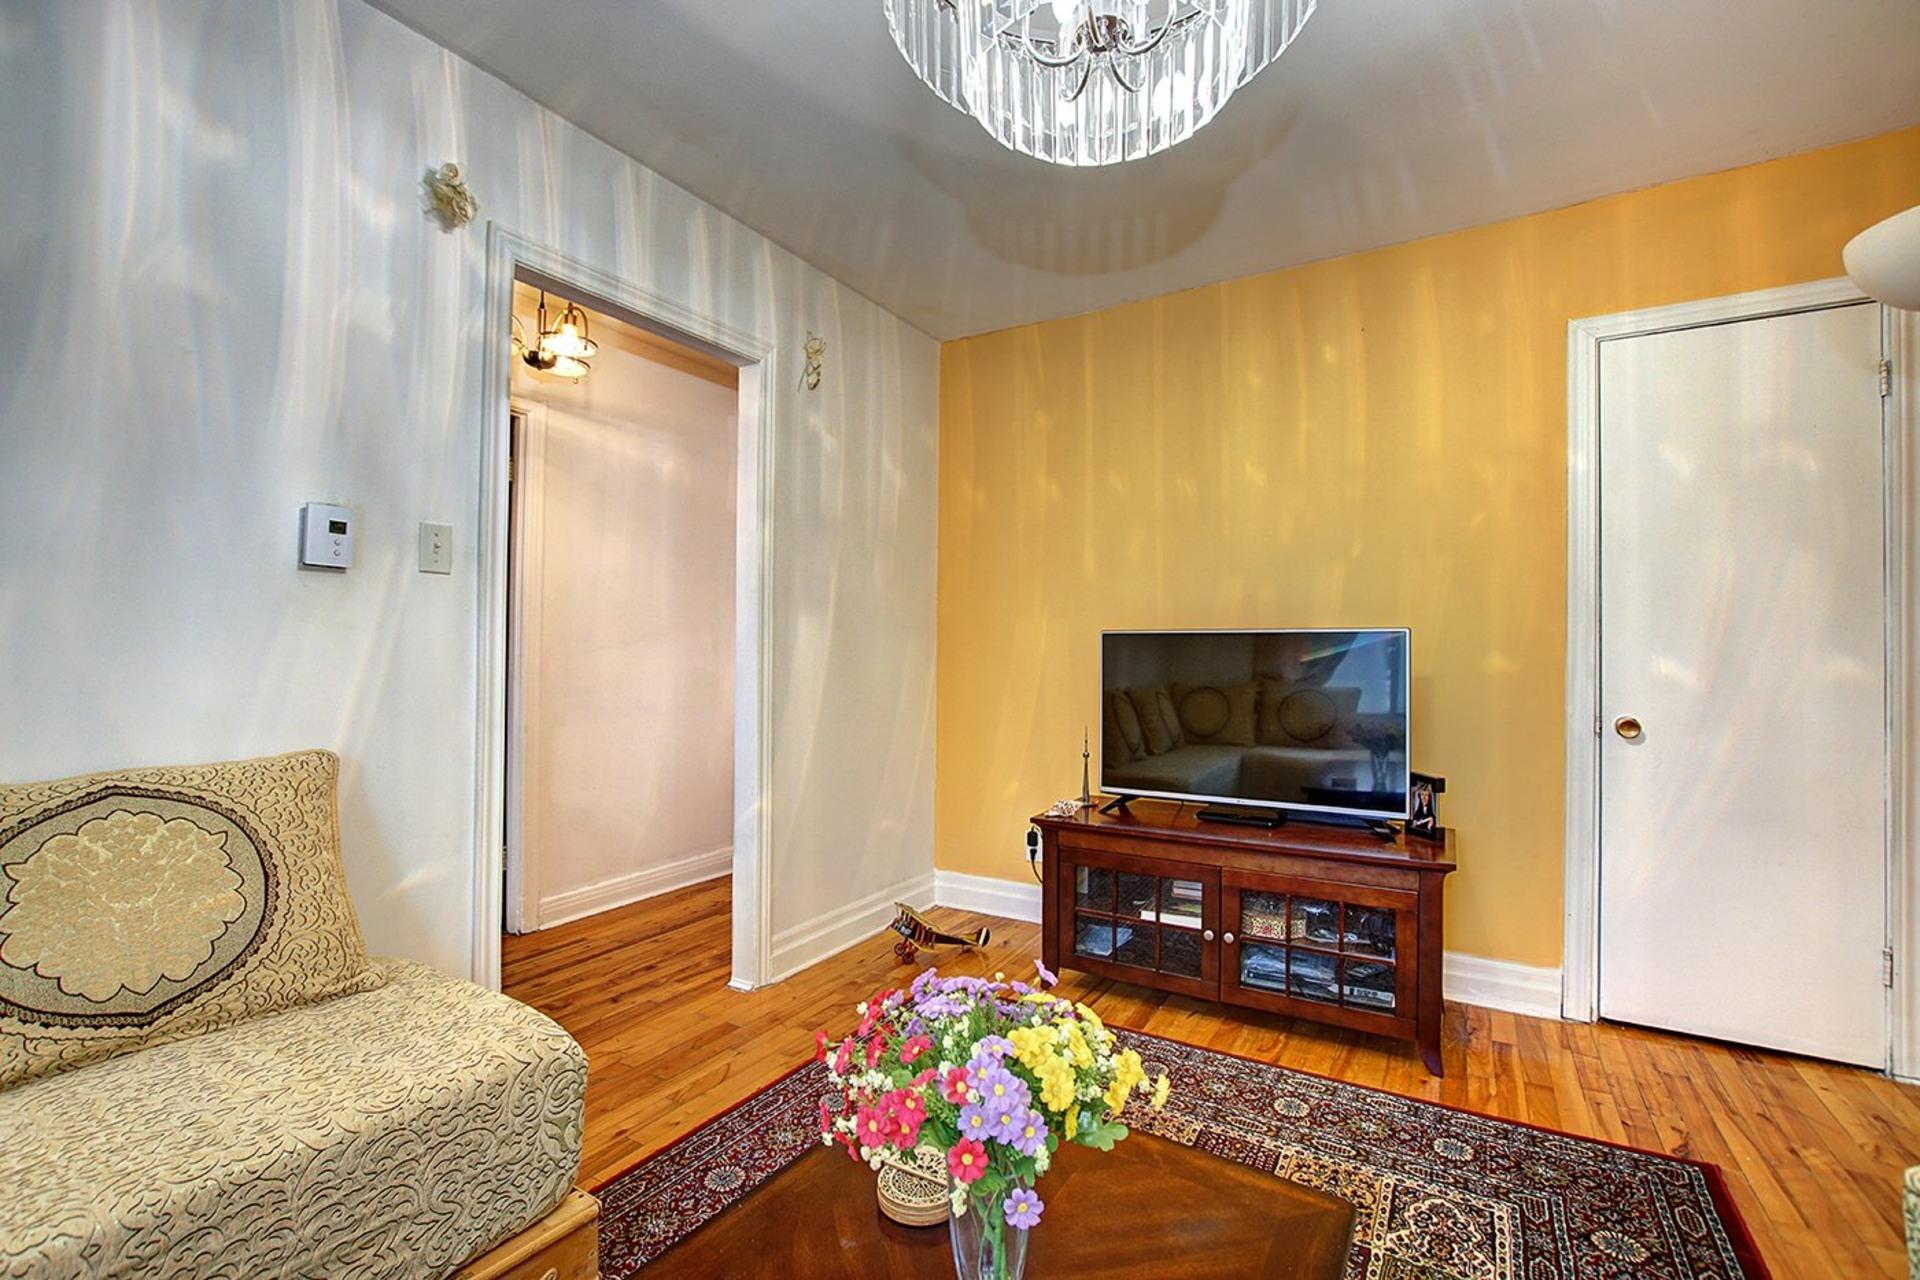 image 4 - Duplex For sale Rivière-des-Prairies/Pointe-aux-Trembles Montréal  - 4 rooms